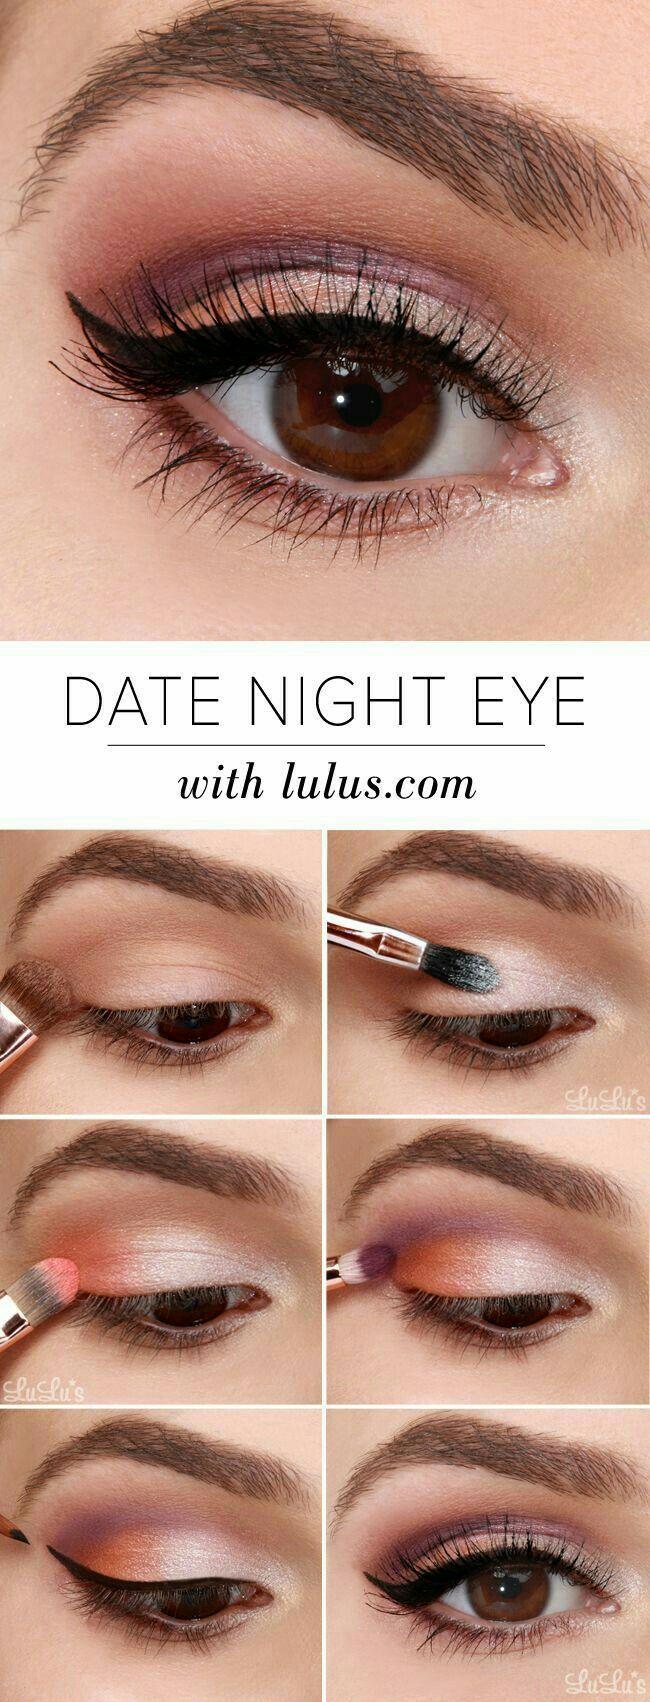 Pin by sumaya khanom on stuff in pinterest makeup eye